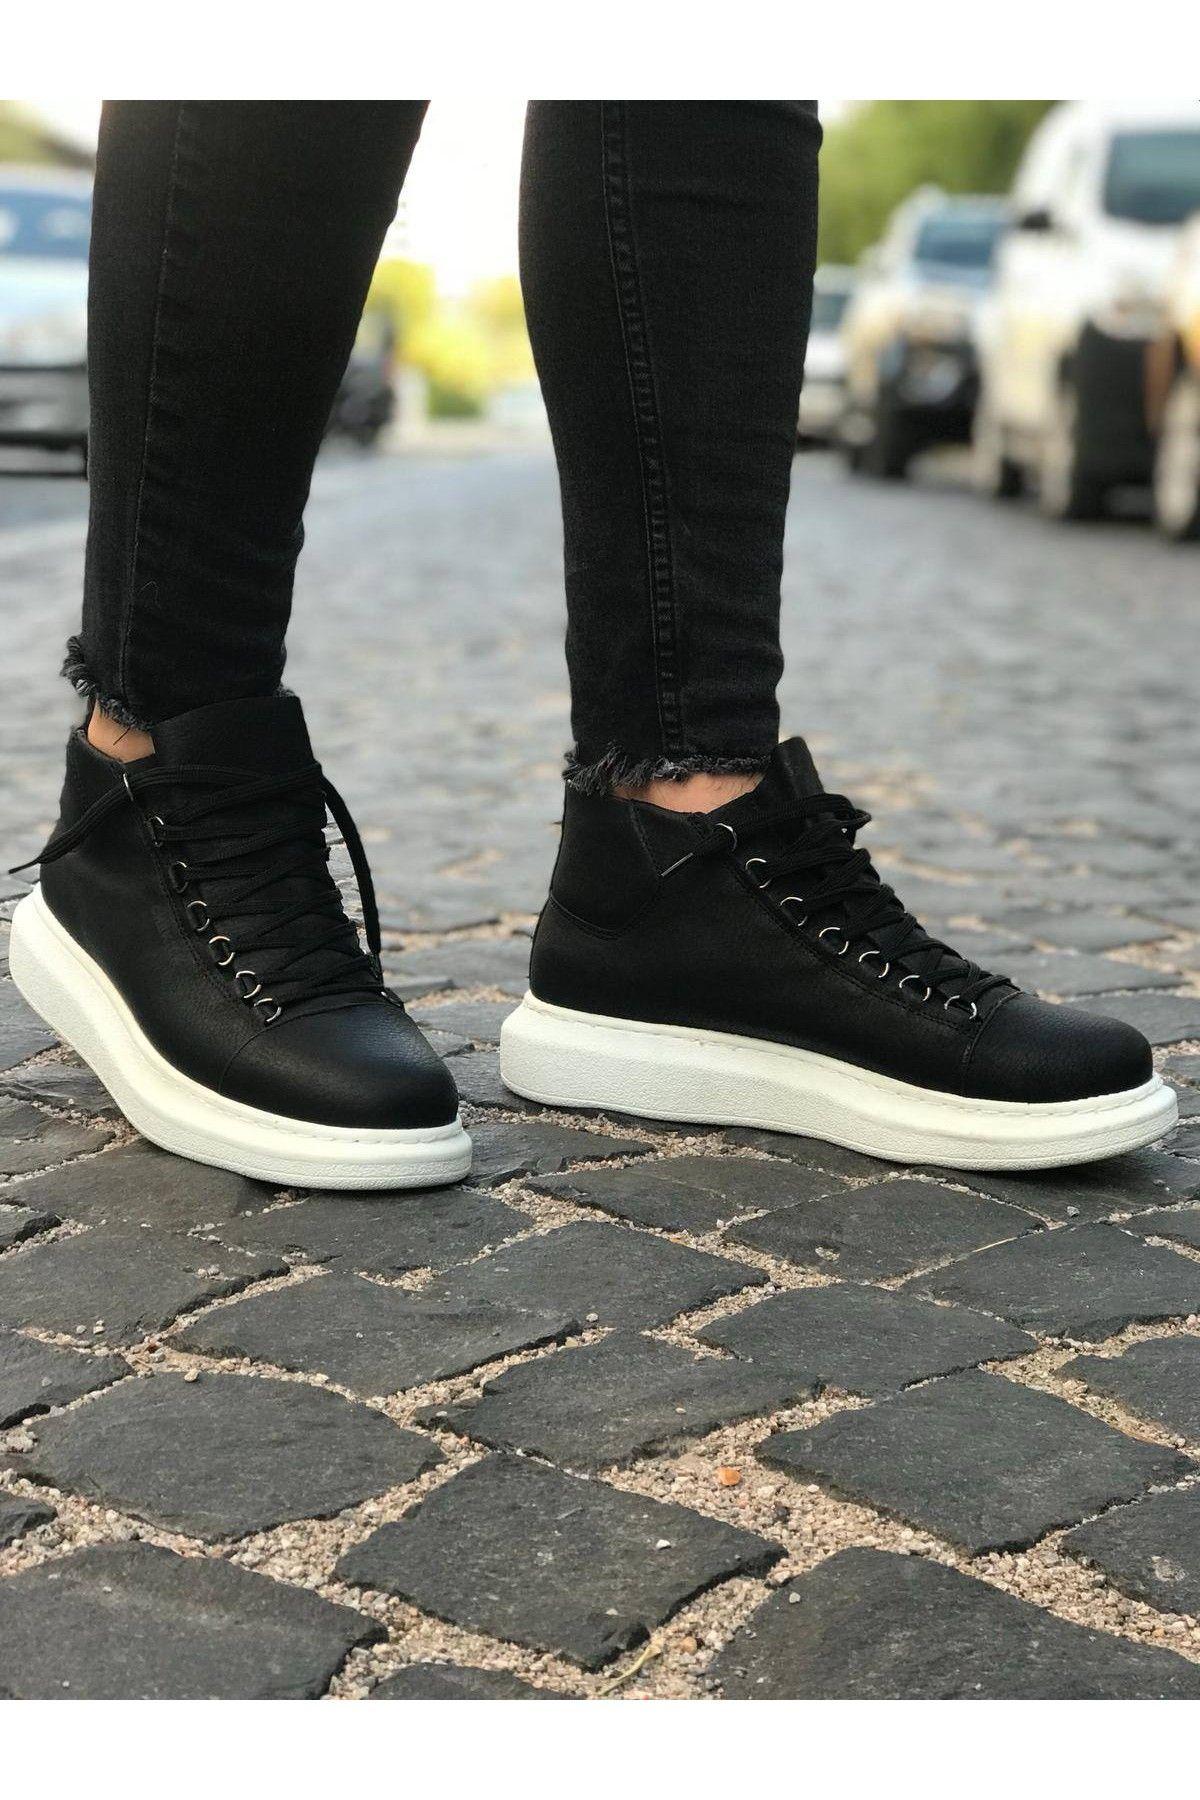 d065f2b37 Chekich 0258 B.T Black Men Boot&Sneakers Высокие Кроссовки, Кроссовки  Адидас, Чернокожие Мужчины, Обувь